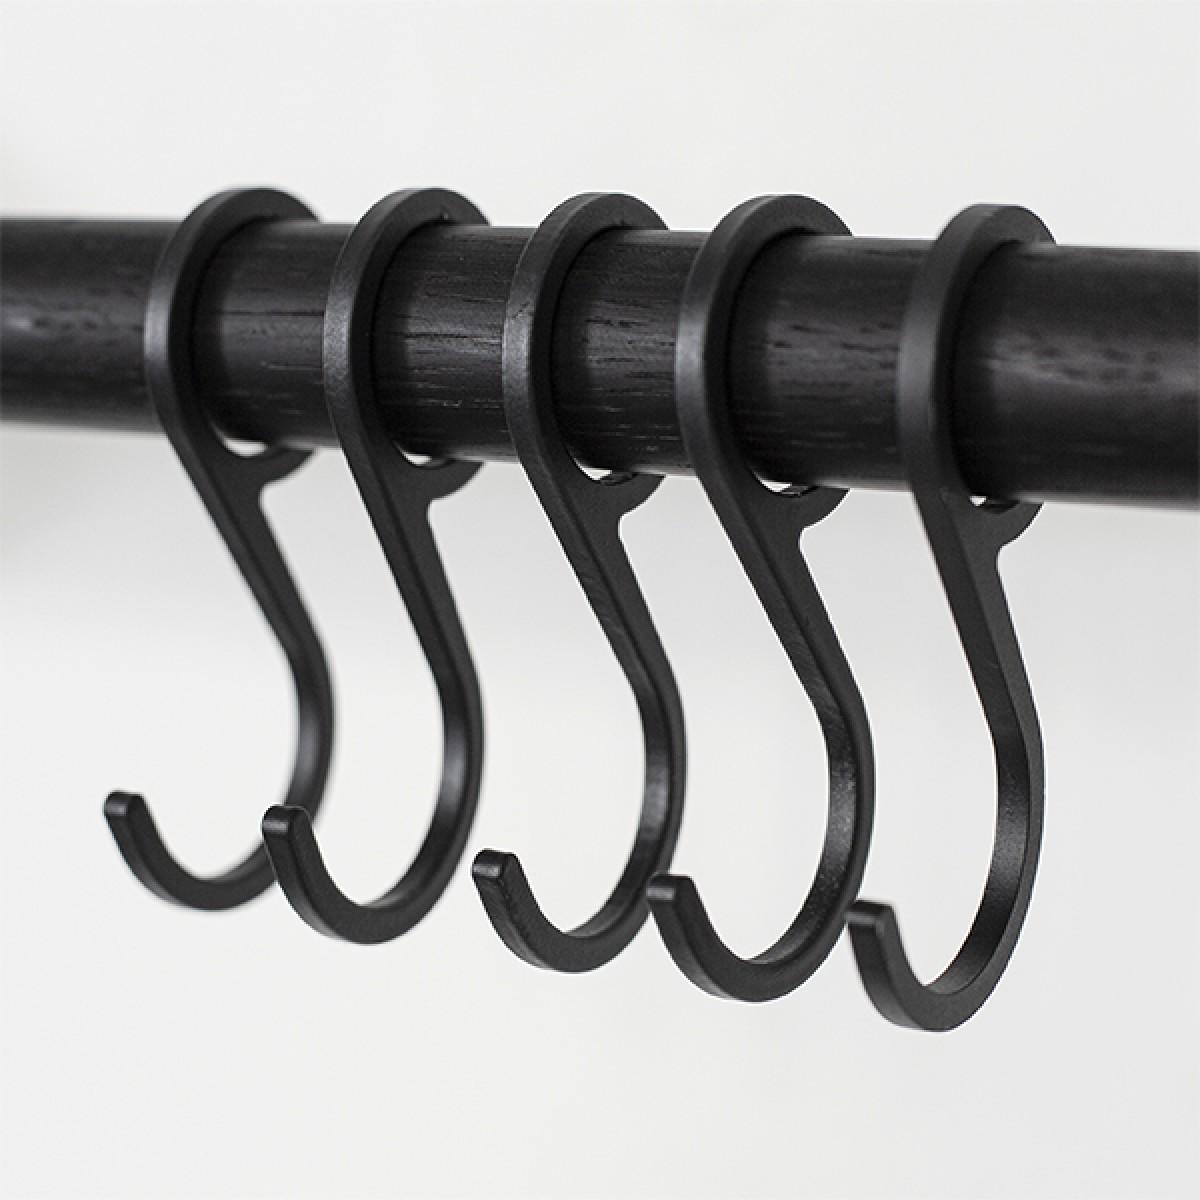 Garderobenhaken für SOLID Flurgarderobe, 5 Stück Schwarz (Zubehör) | Result Objects